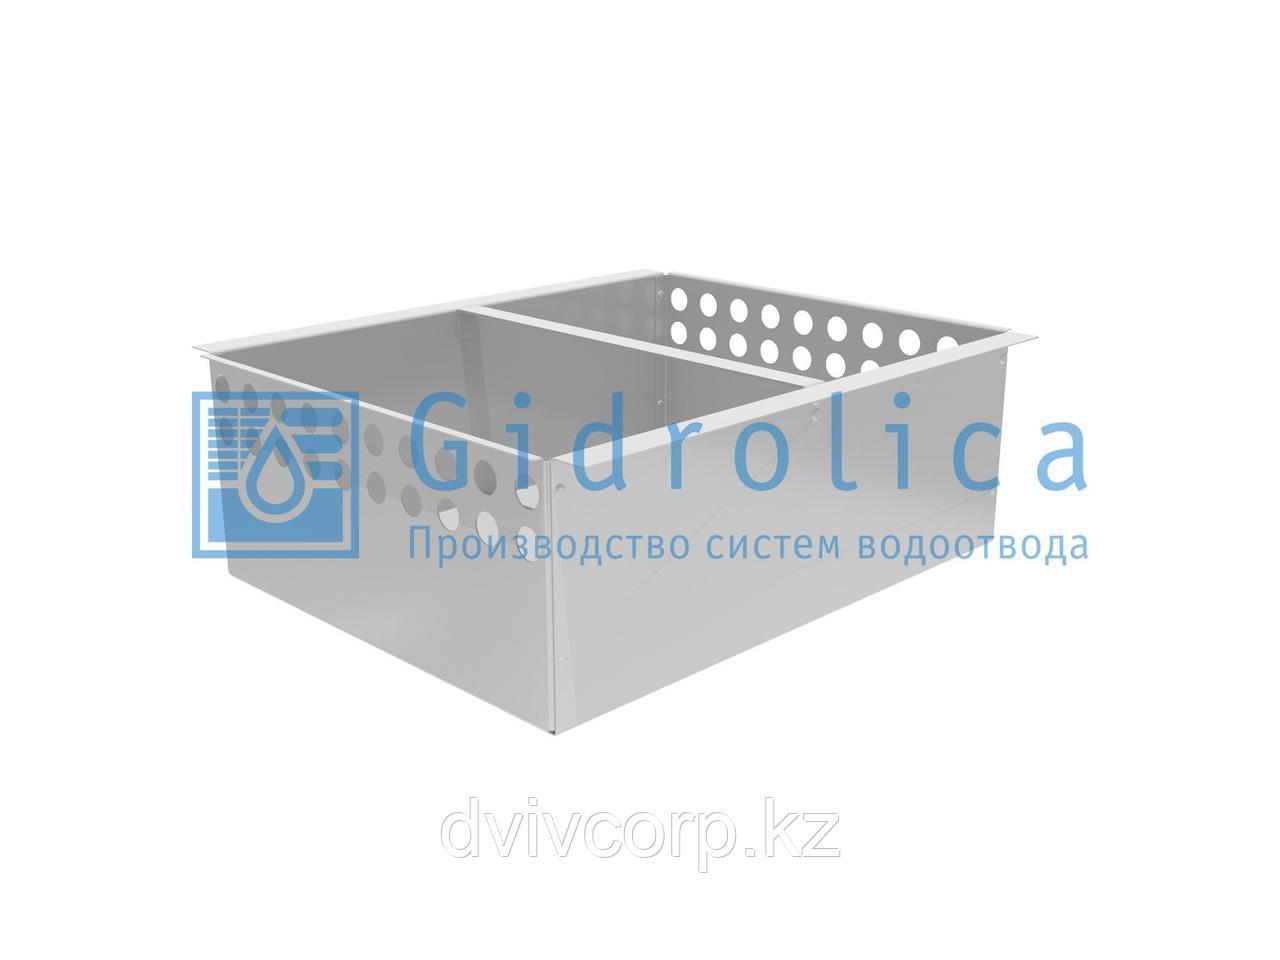 Корзина стальная универсальная для пескоулавливающего колодца (СО-500мм) Кпк 50 - 40.46,5.16,4